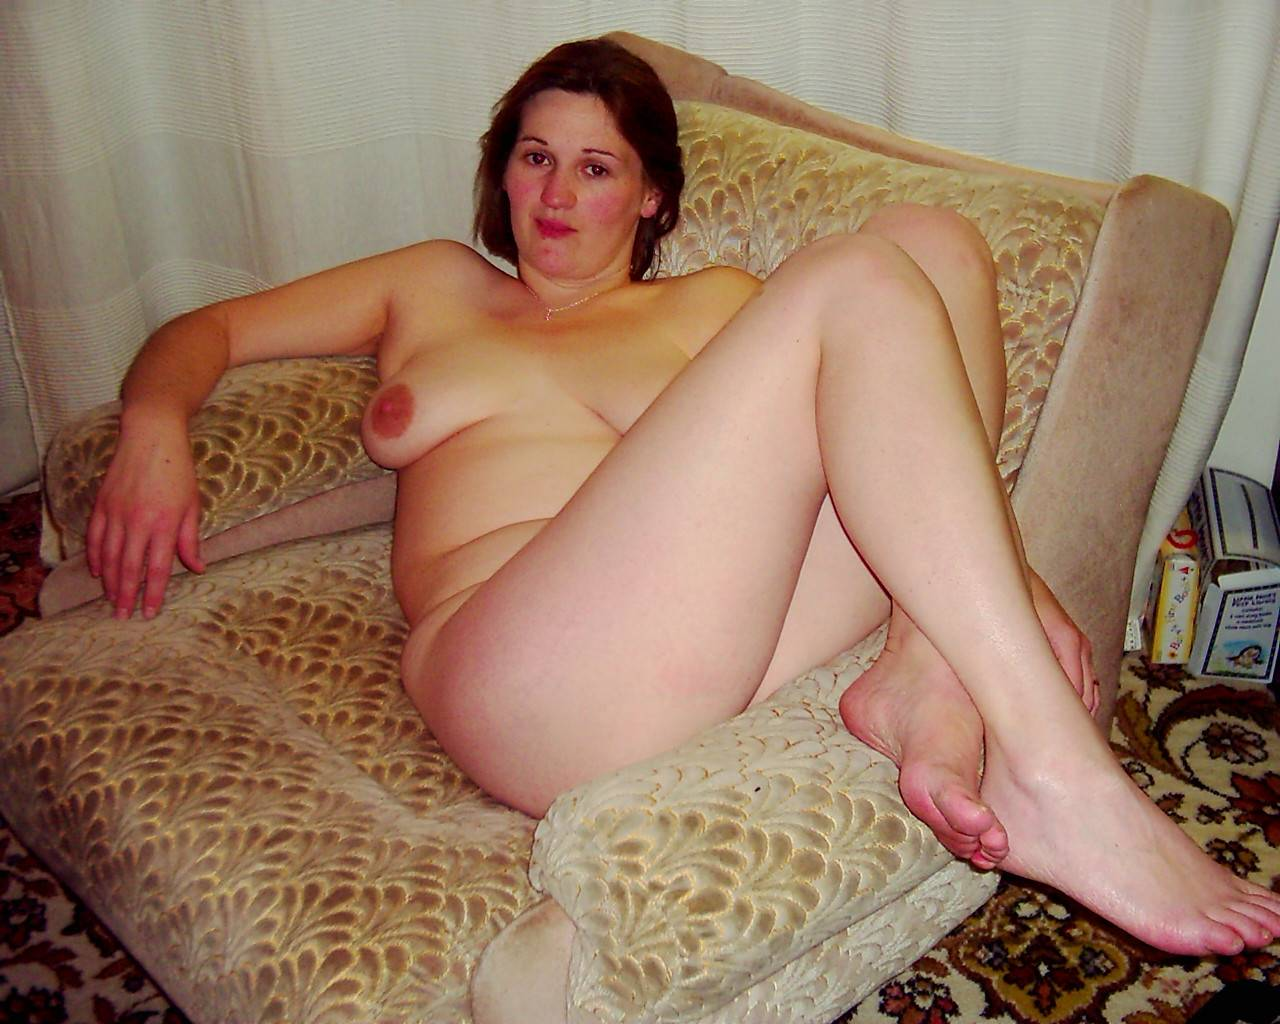 Xxx wife porn post